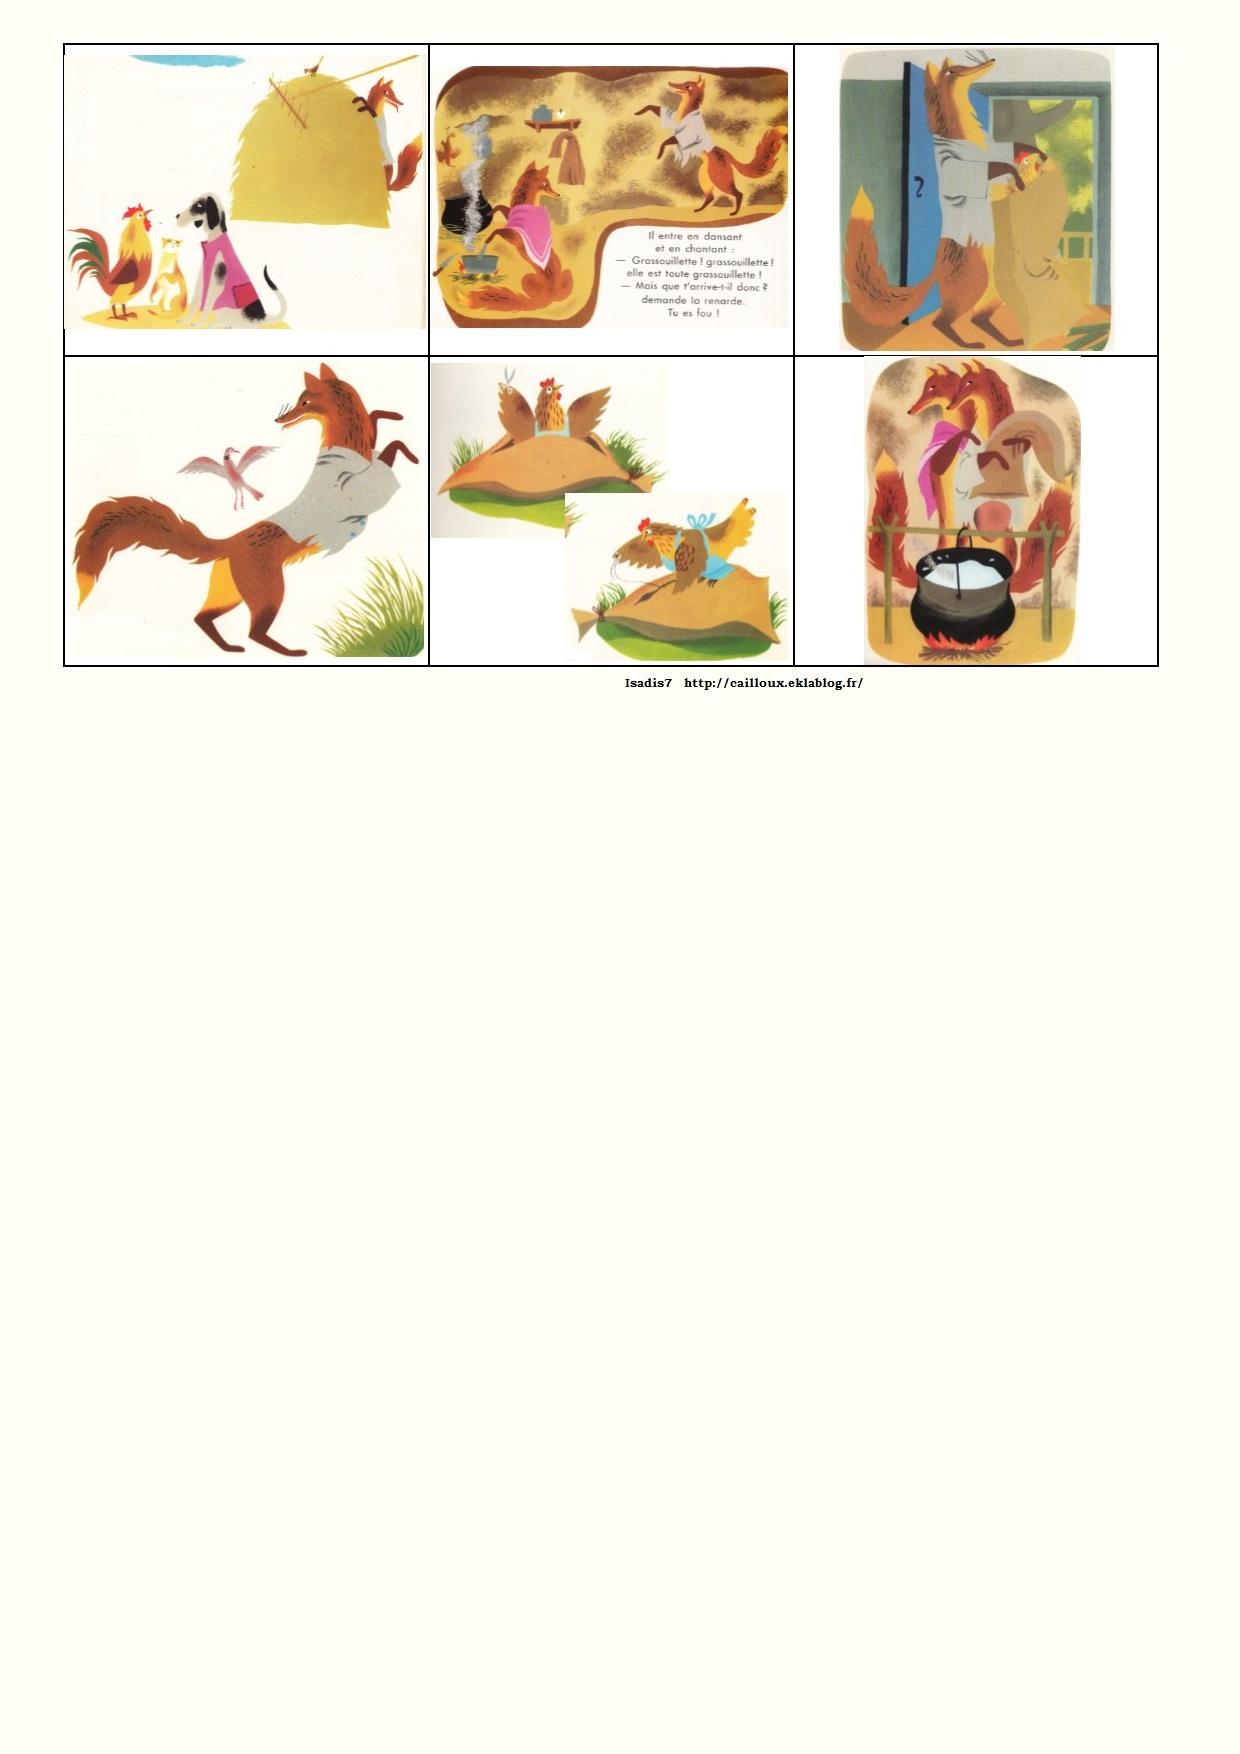 La Petite Poule Rousse Images Séquentielles : petite, poule, rousse, images, séquentielles, Images, Séquentielles, Poule, Rousse, Maternelle, D'Isadis7